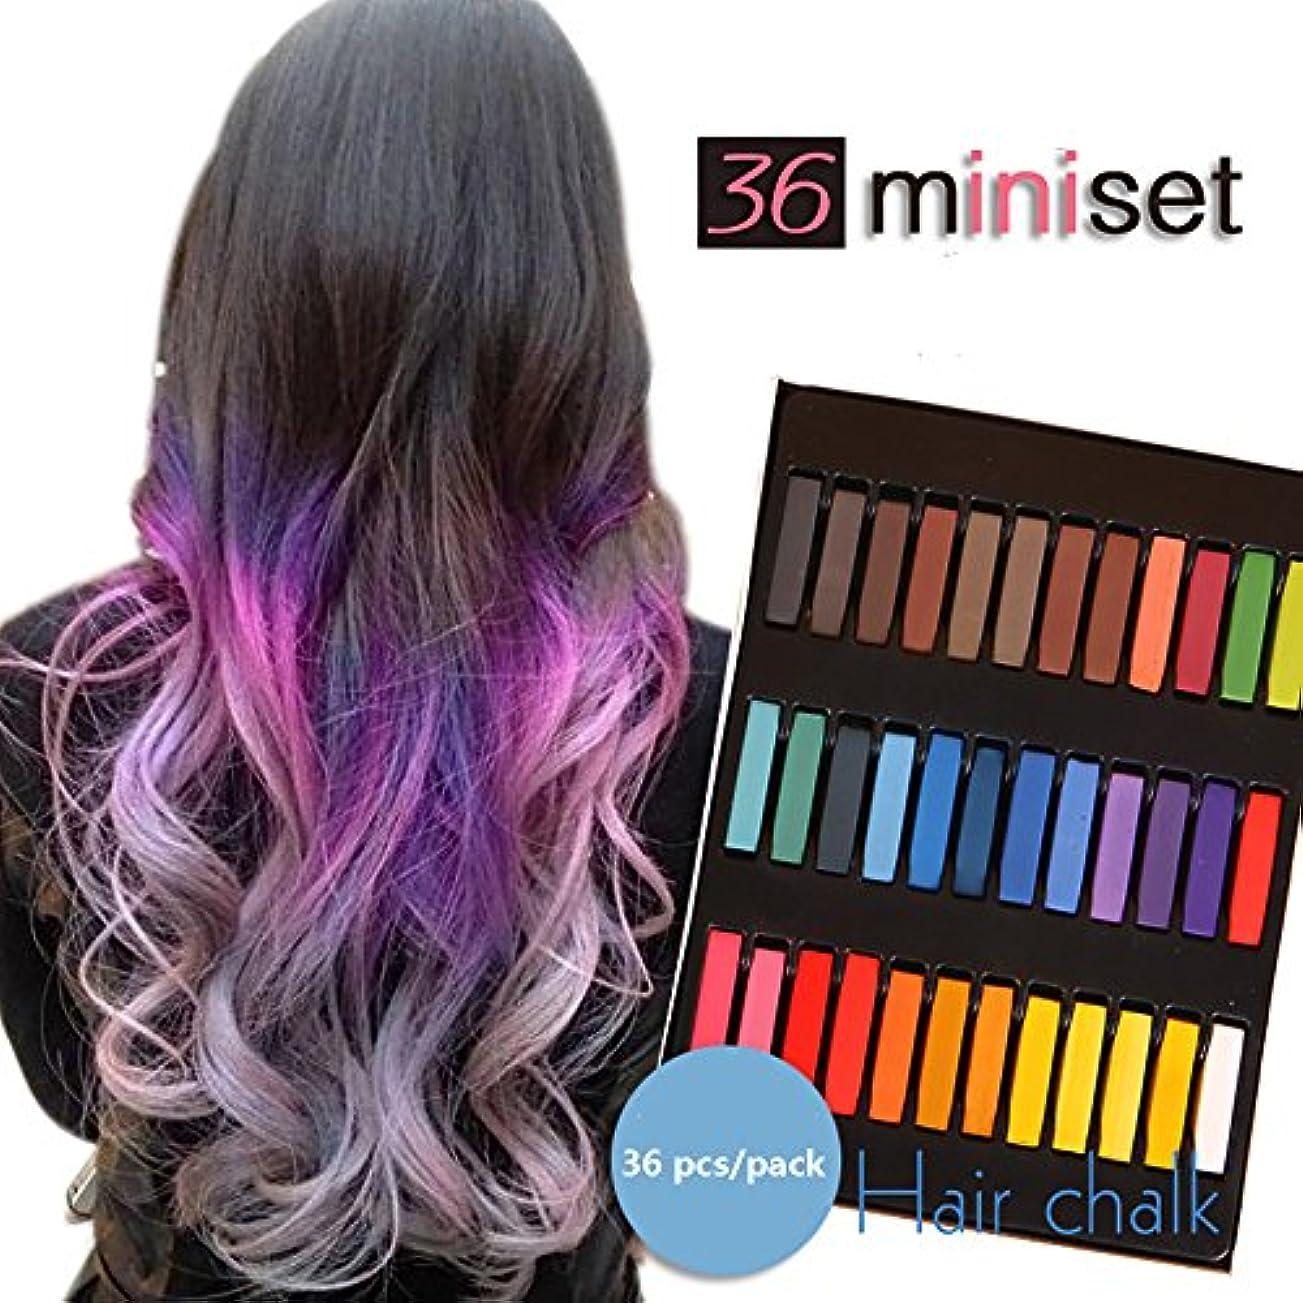 購入補充削除する大ブレイク中!HAIR CHALKIN 選べる 6色/12色/24色/36色 髪専用に開発された安心商品! ヘアチョーク ヘアカラーチョーク 一日だけのヘアカラーでイメチェンが楽しめる!美容室のヘアカラーでは表現しづらい...